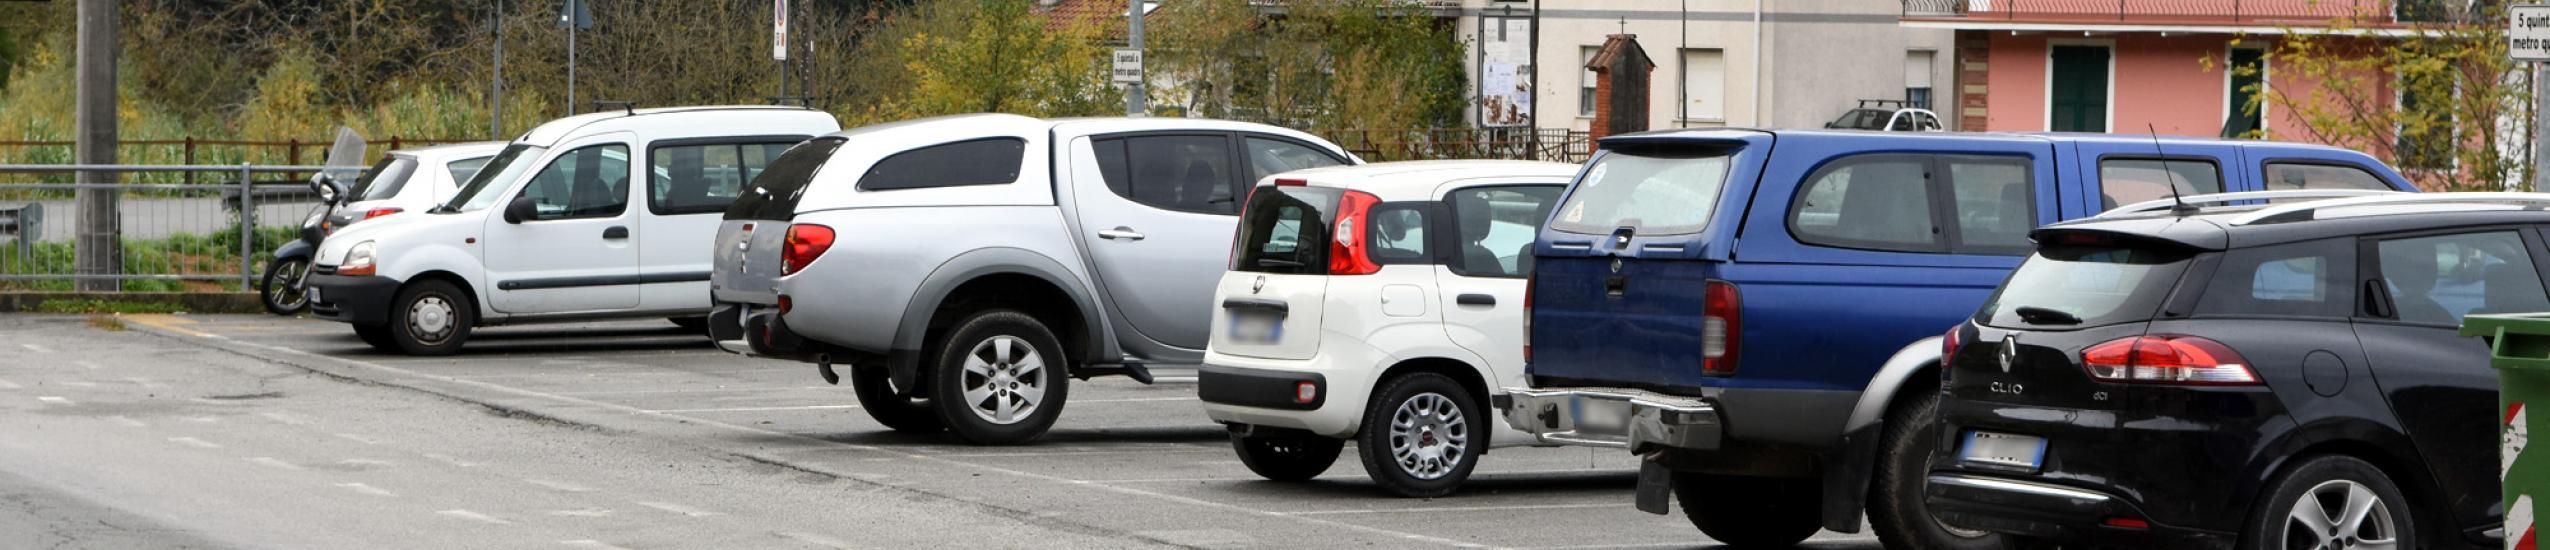 Parcheggio pubblico Frisolino